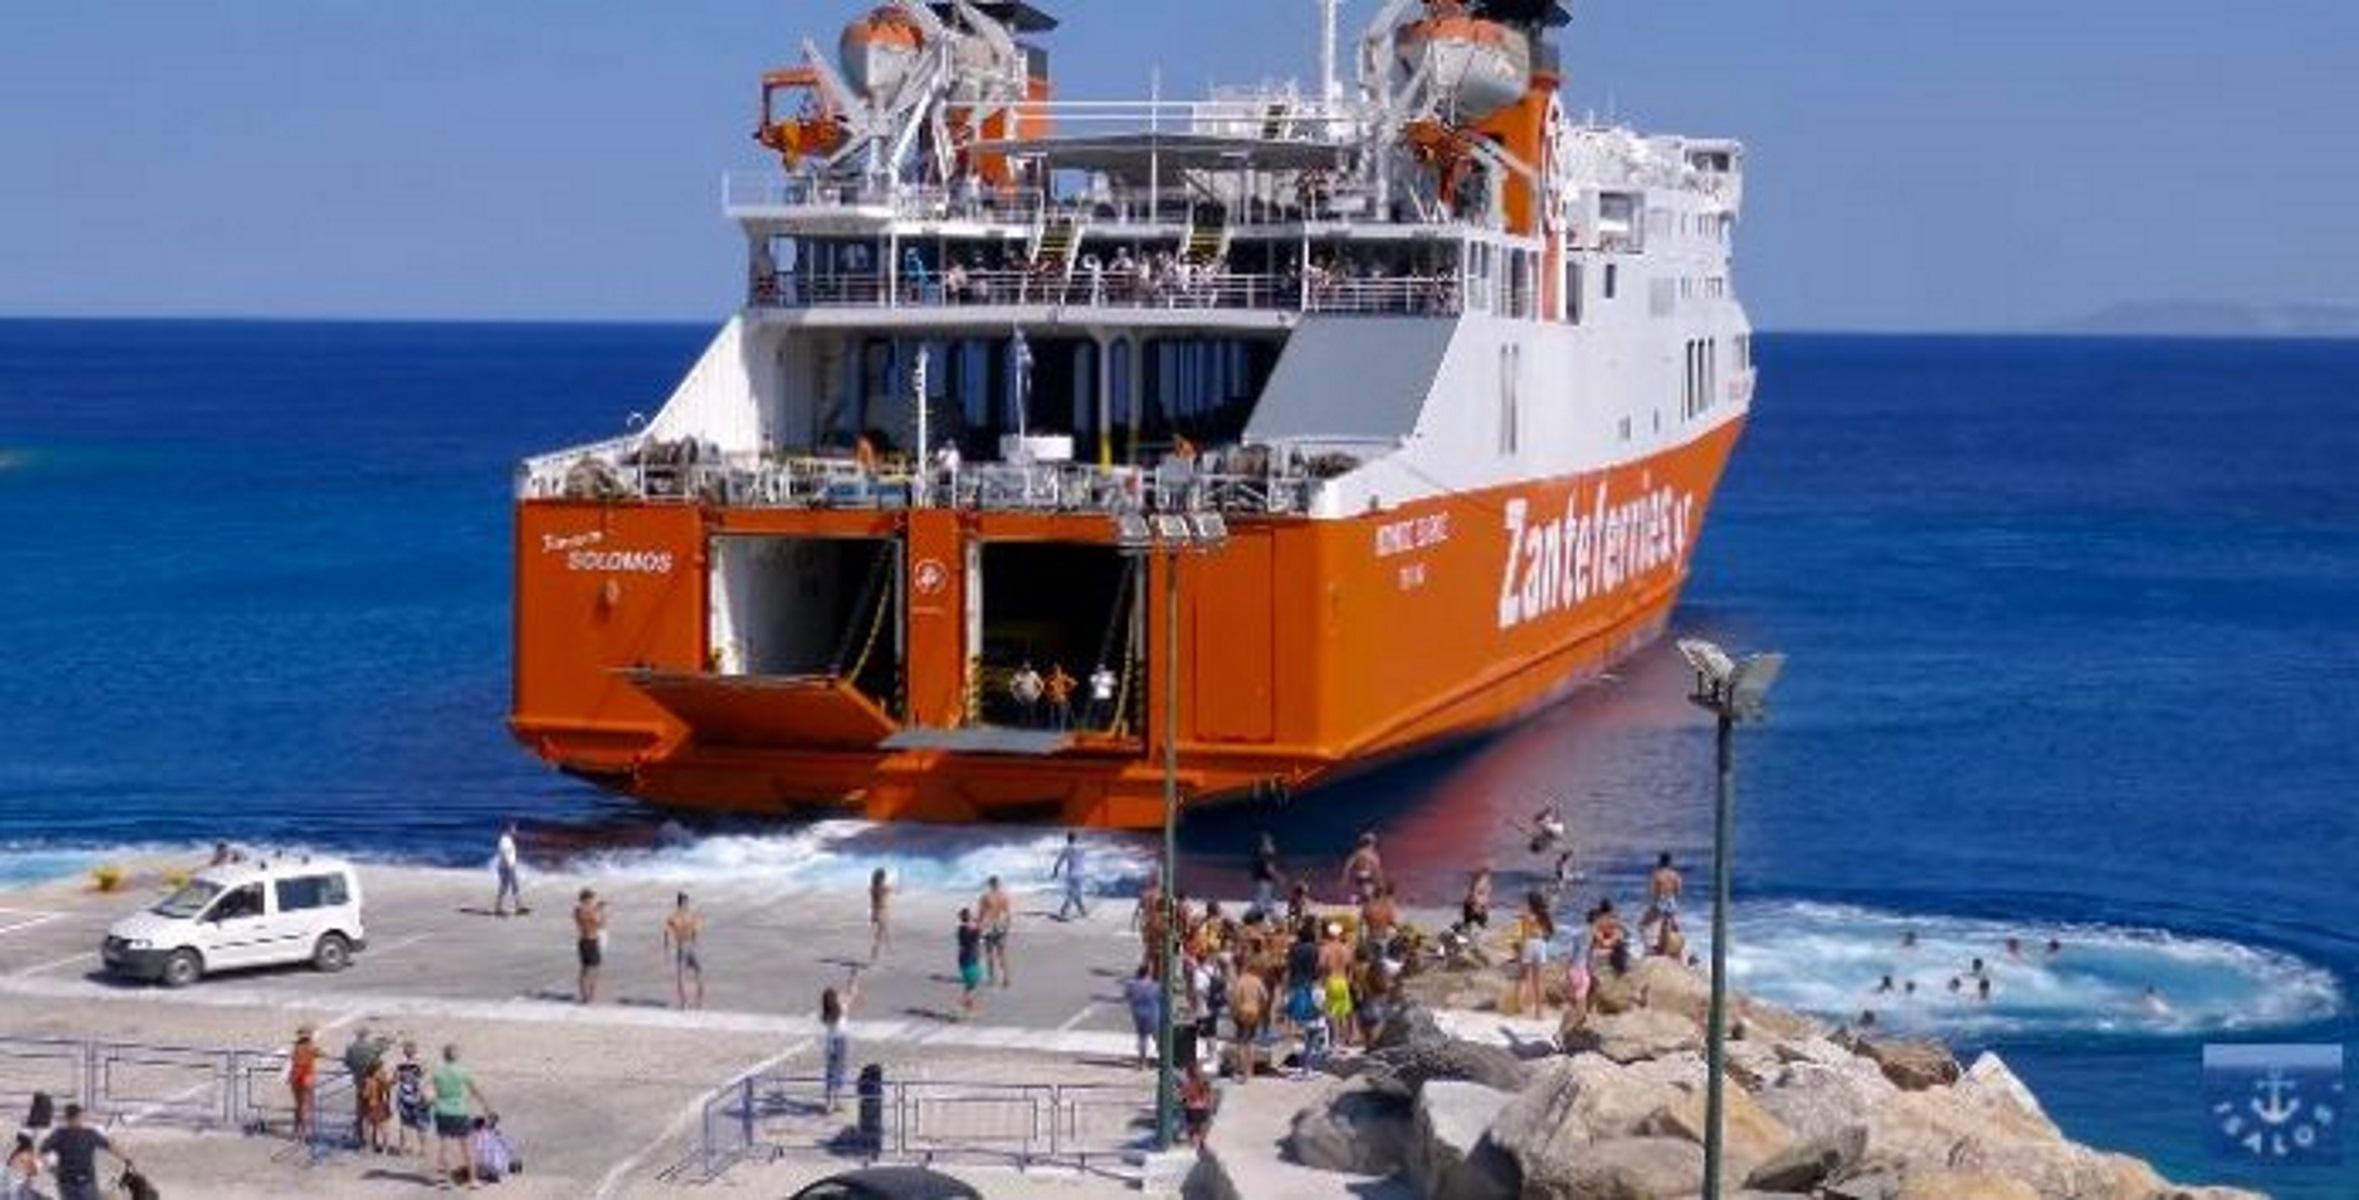 Βλάβη στο πλοίο «Διονύσιος Σολωμός» – Μεγάλη καθυστέρηση στο δρομολόγιο